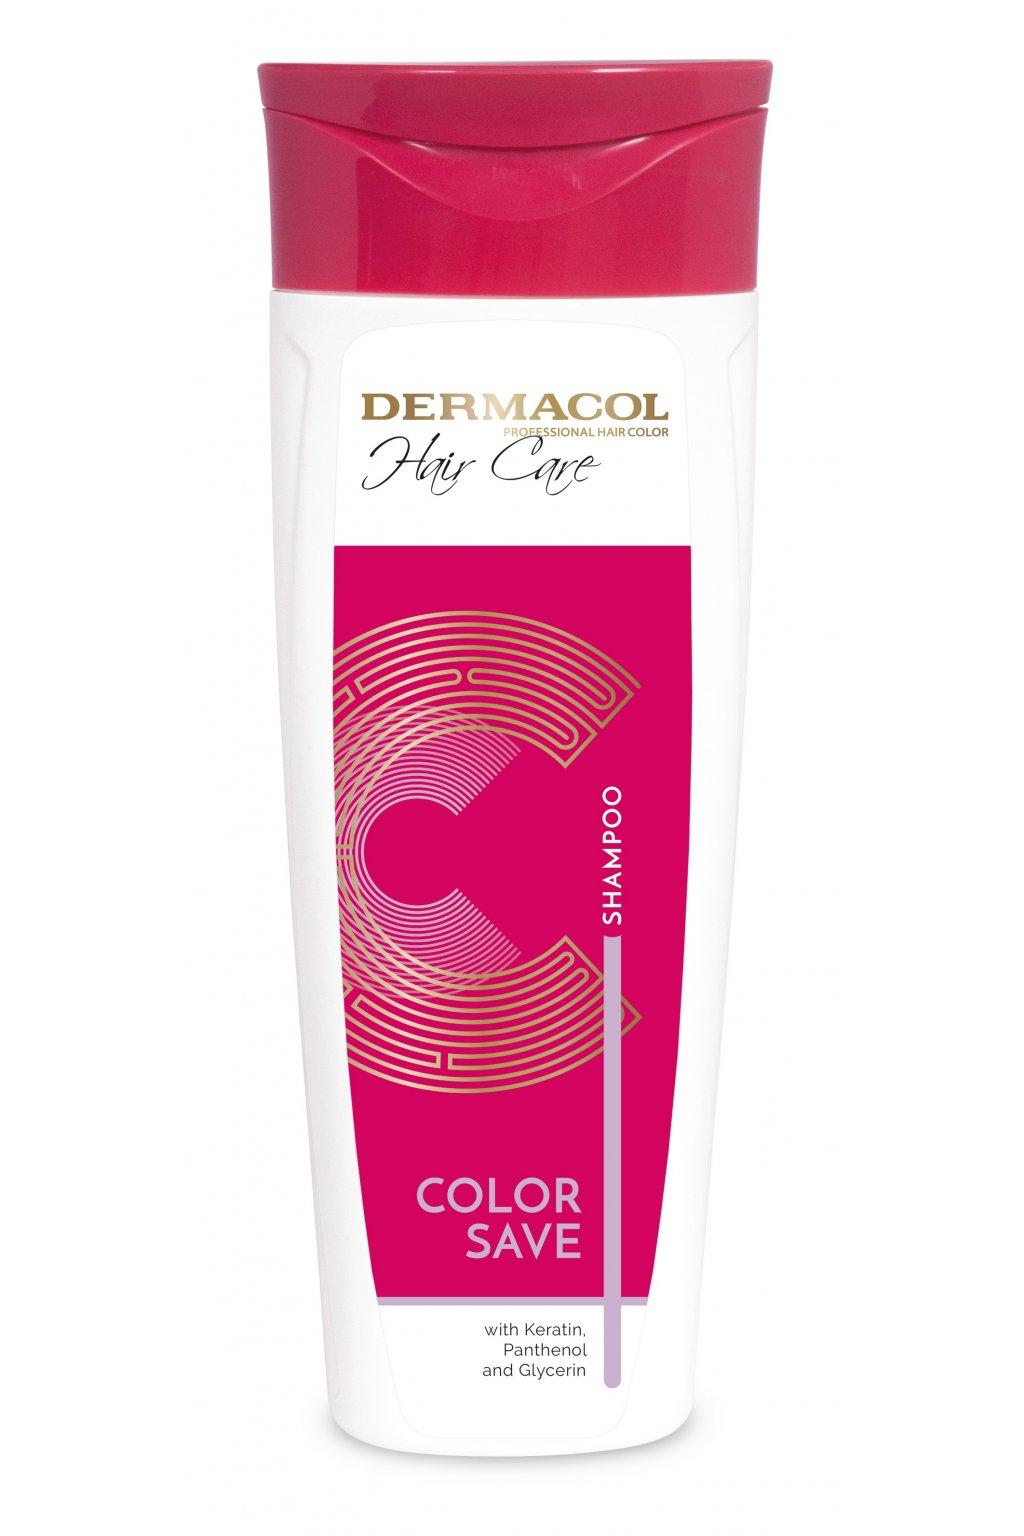 dermacol hair care color save sampon pro poskozene barvene vlasy